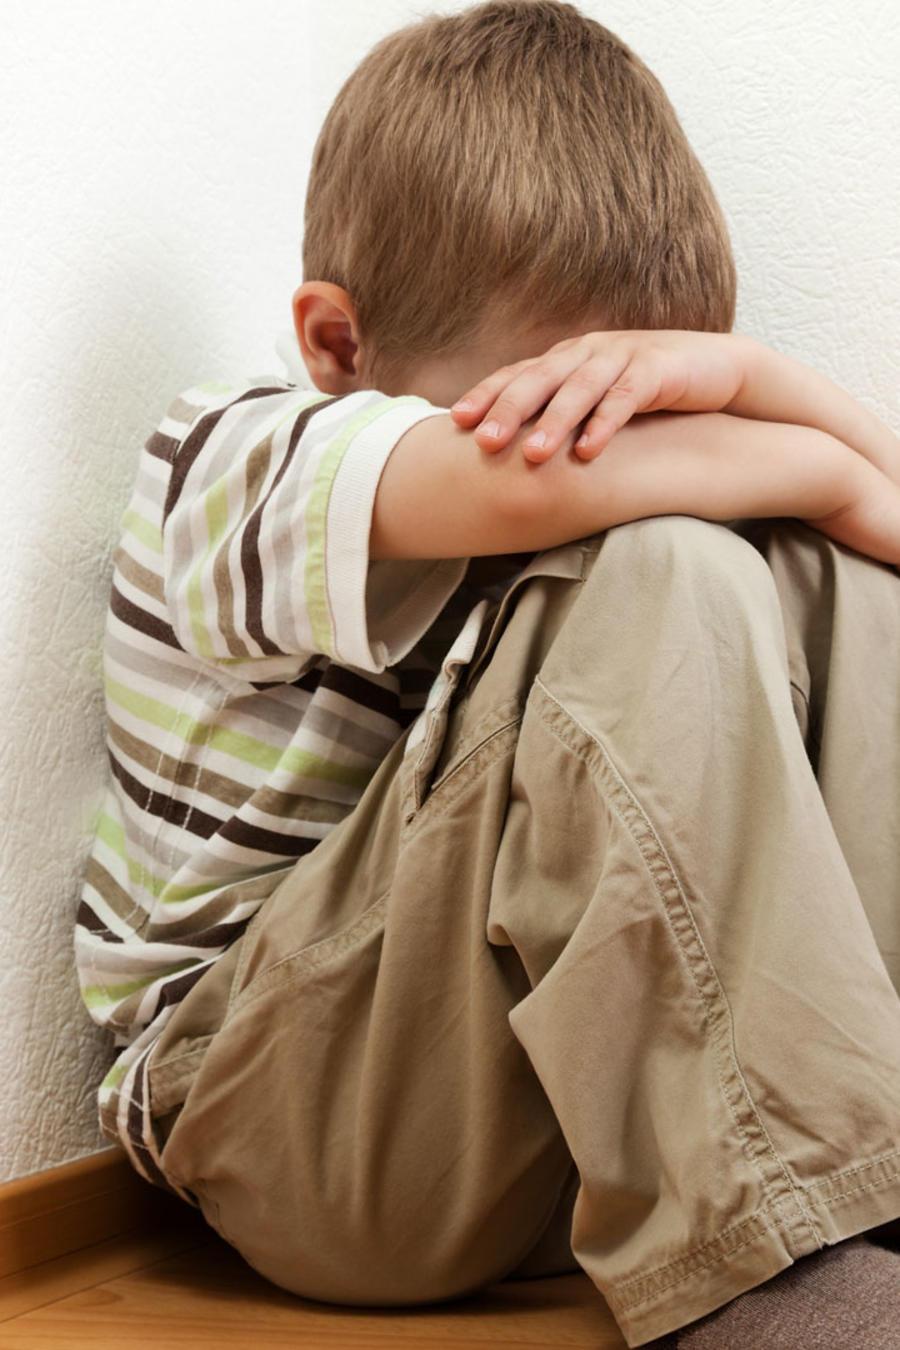 Niño sentado en un rincón cubriéndose el rostro